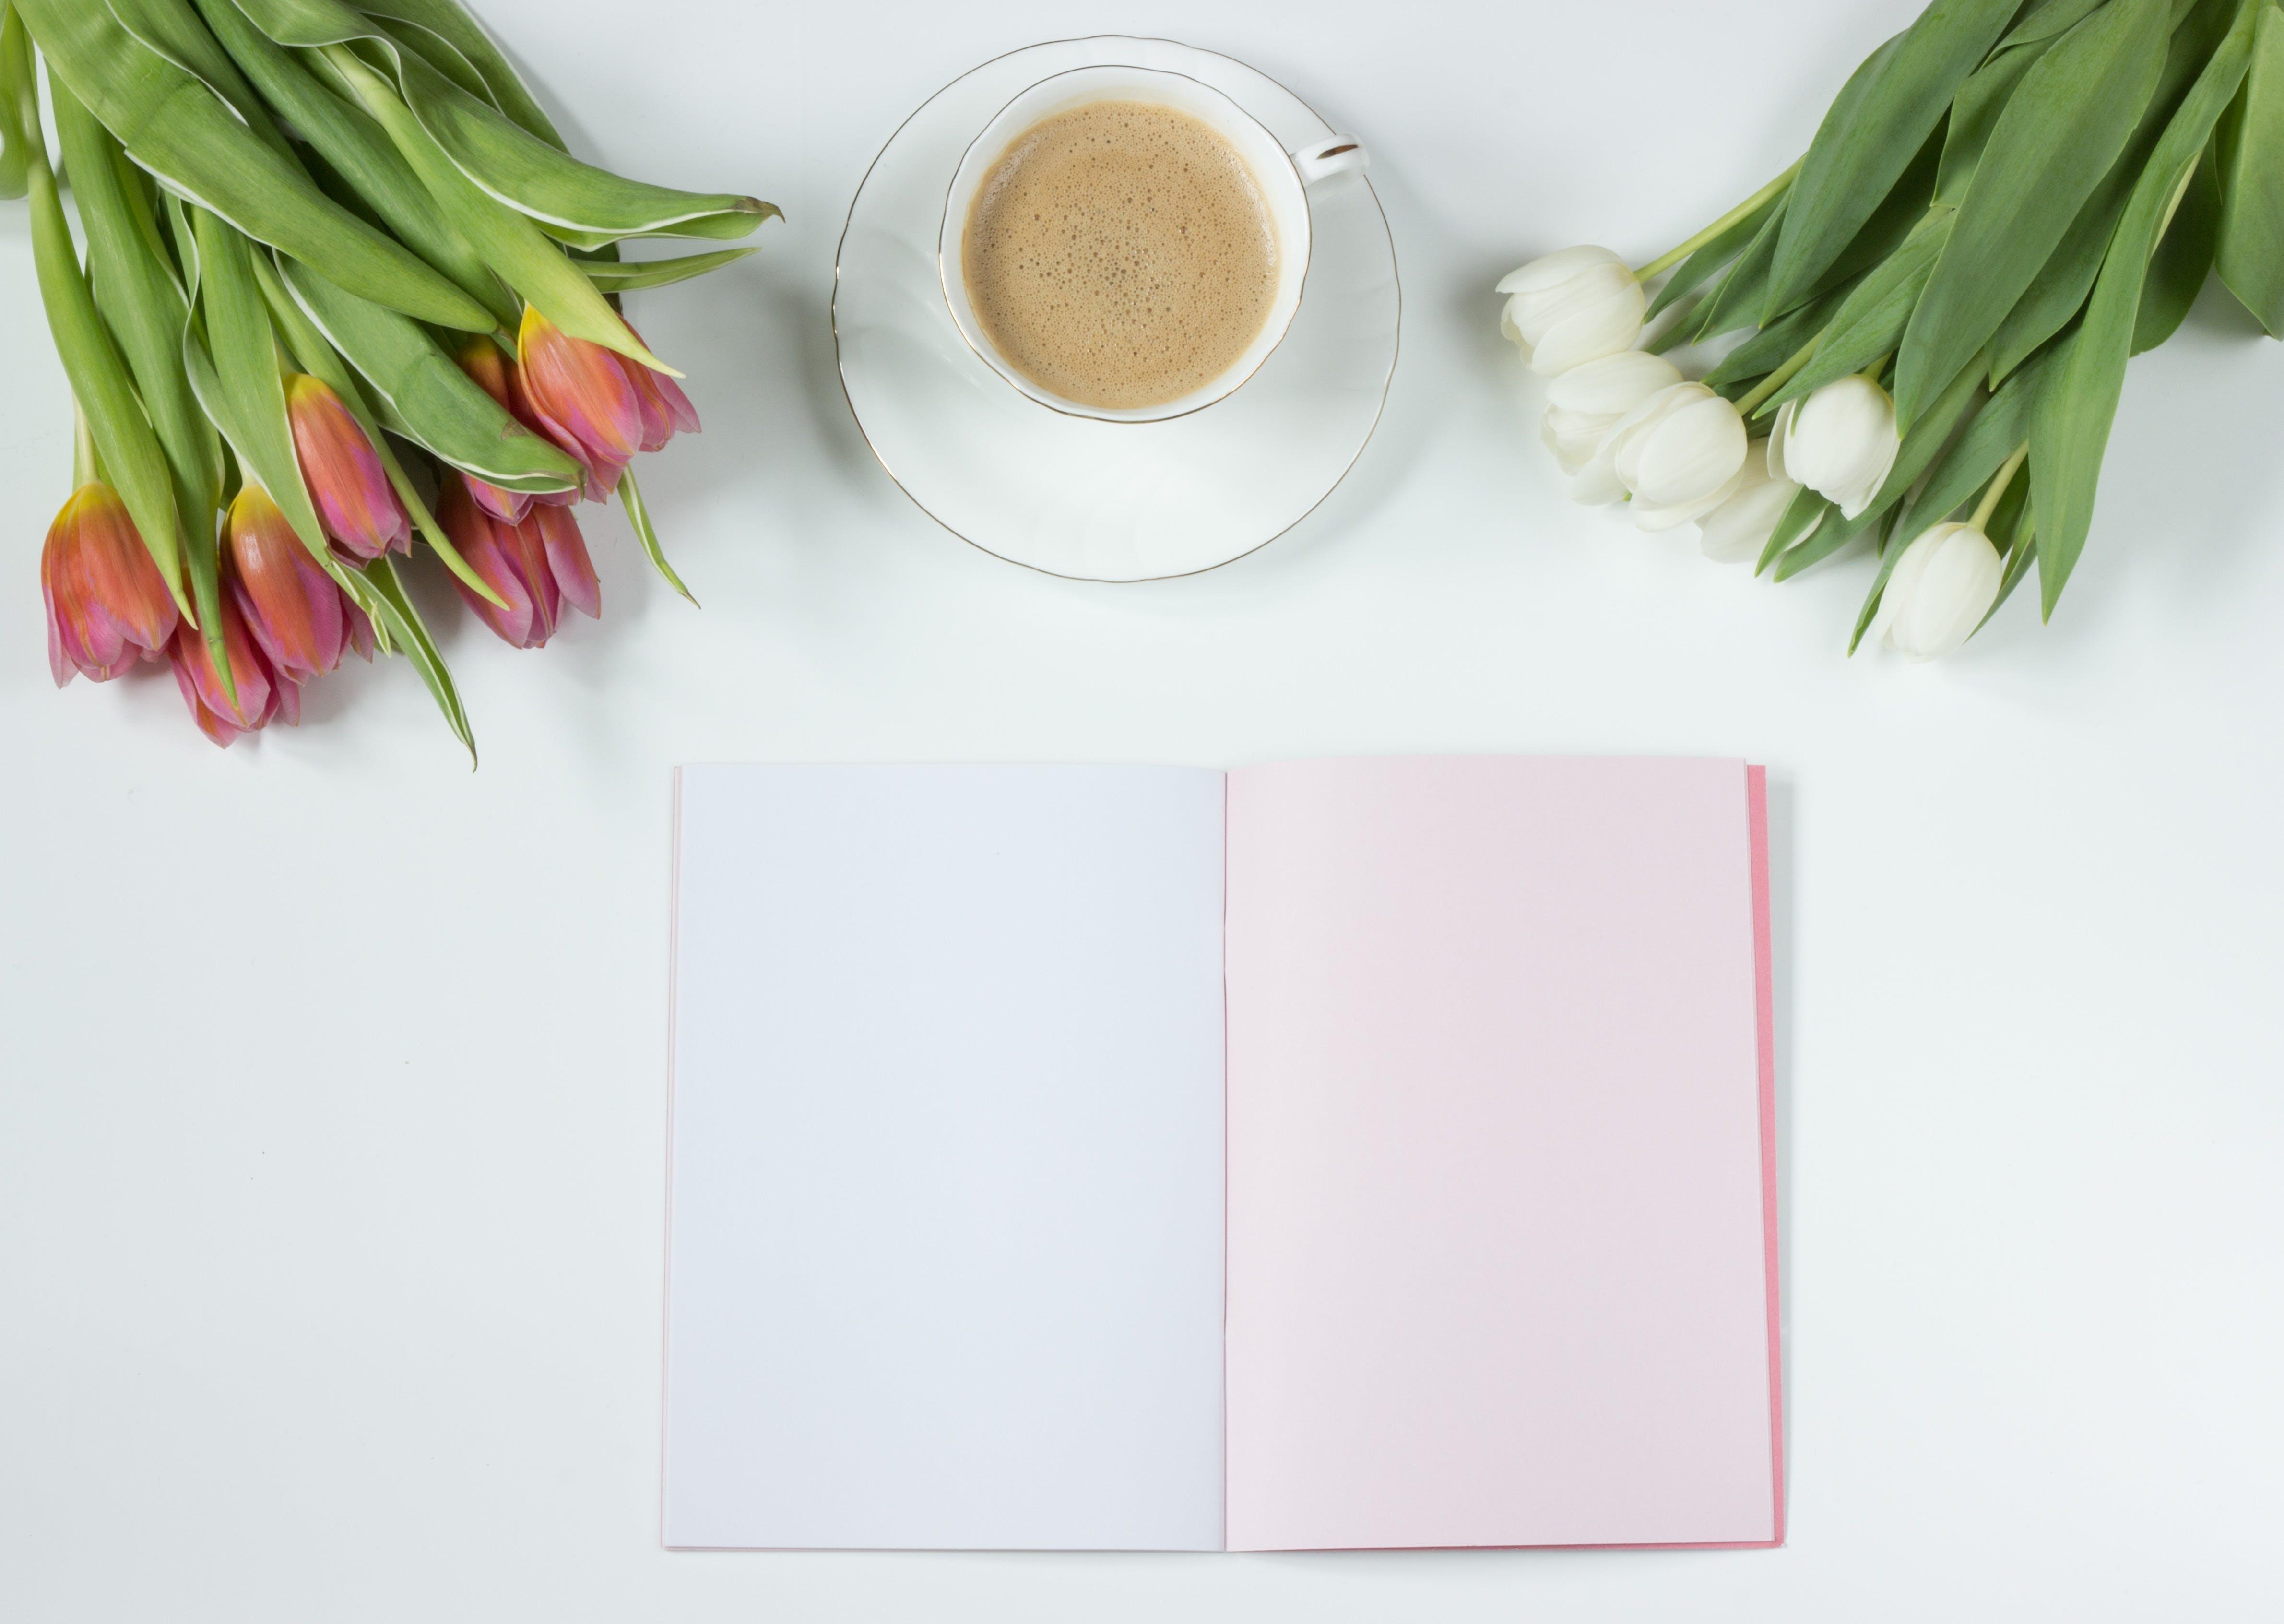 bloc note, bloeien, bloemen